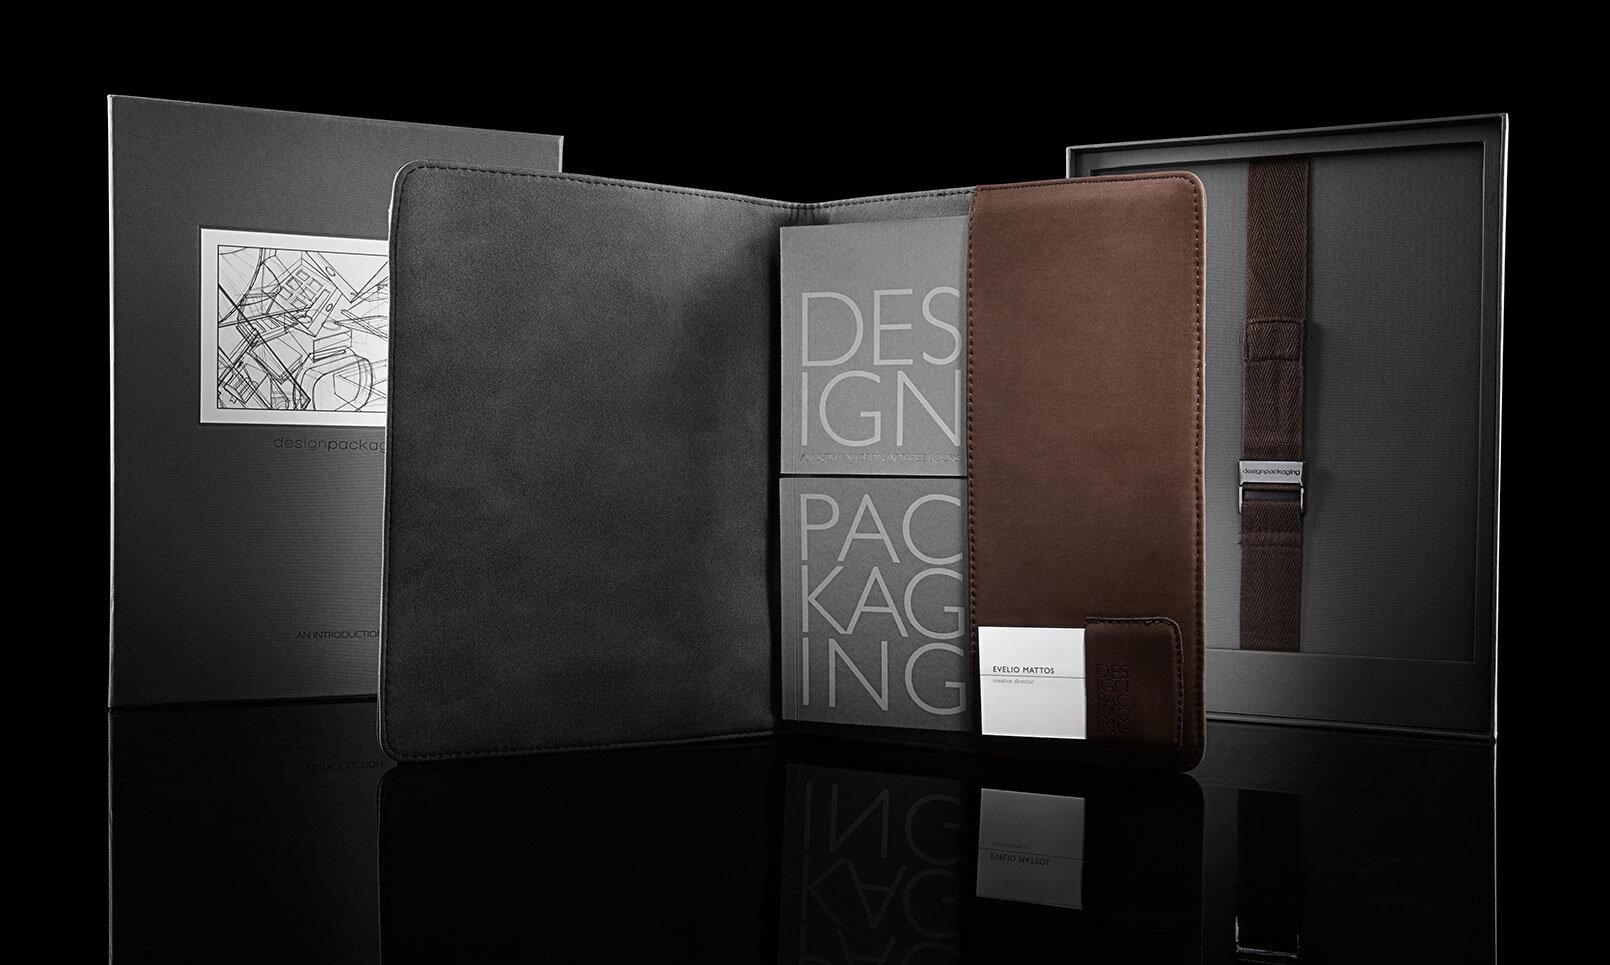 设计 - 包装 - 促销 - 奢华套装 - 刚性箱切割和缝纫带-1.jpg